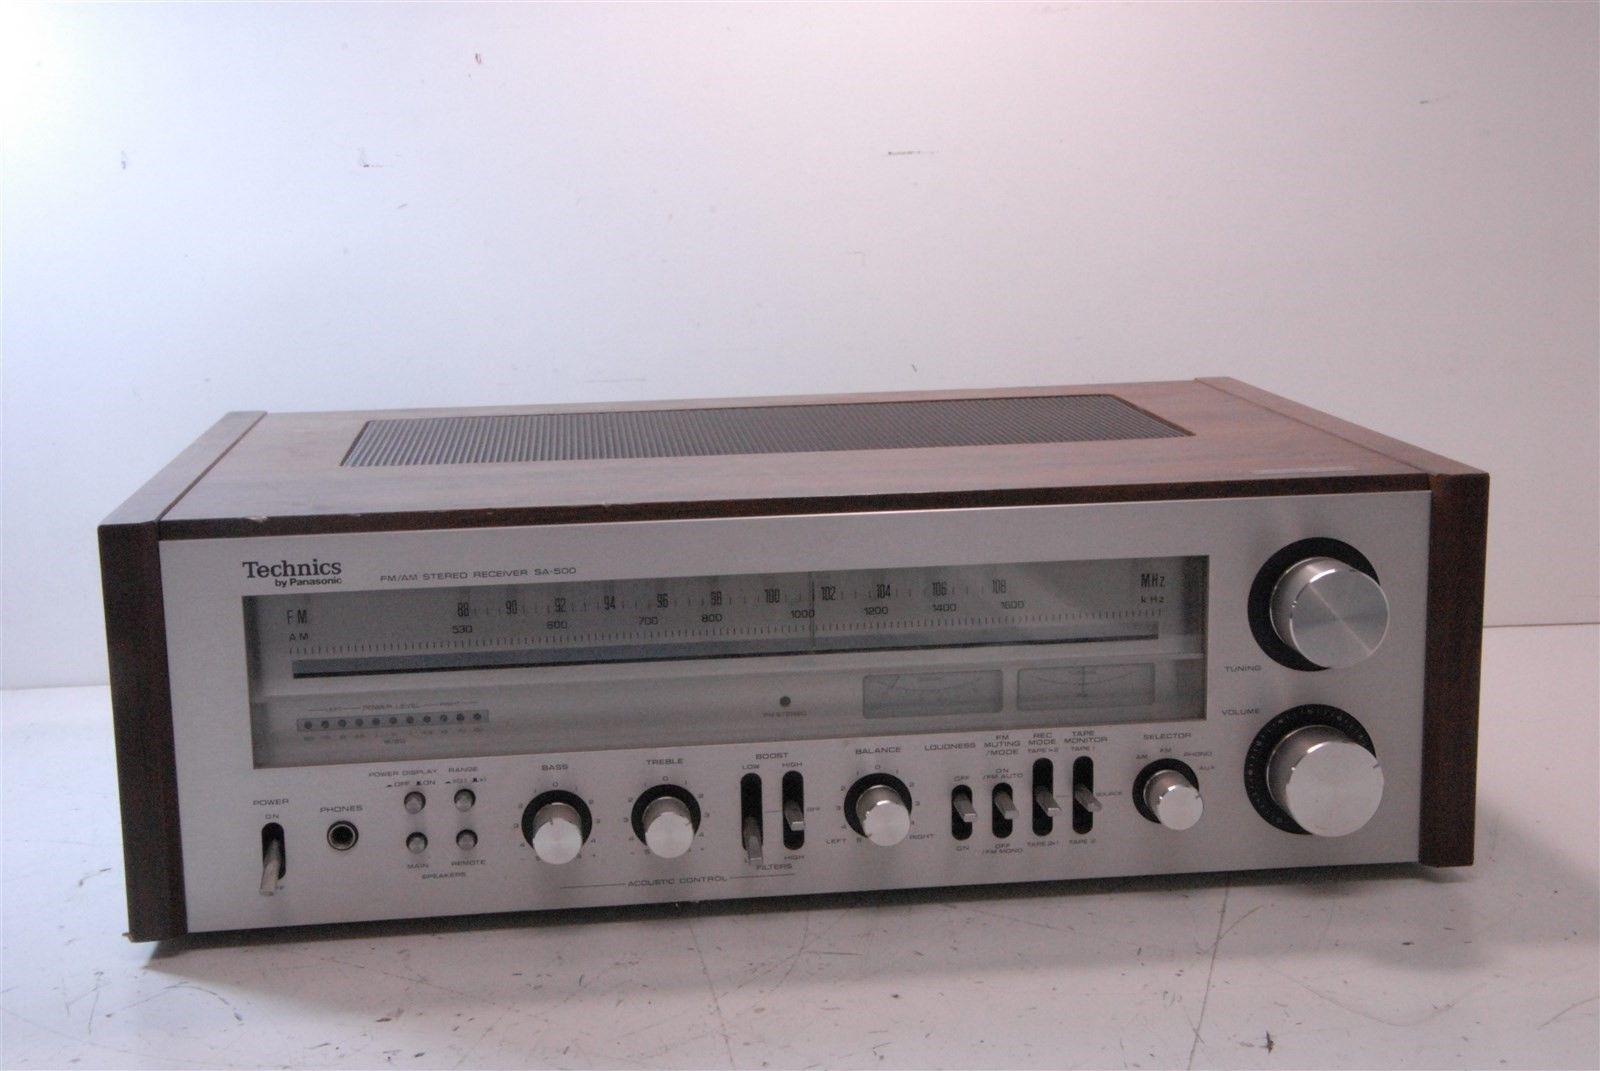 Details about Vintage Technics Fm/Am Stereo Receiver SA-303